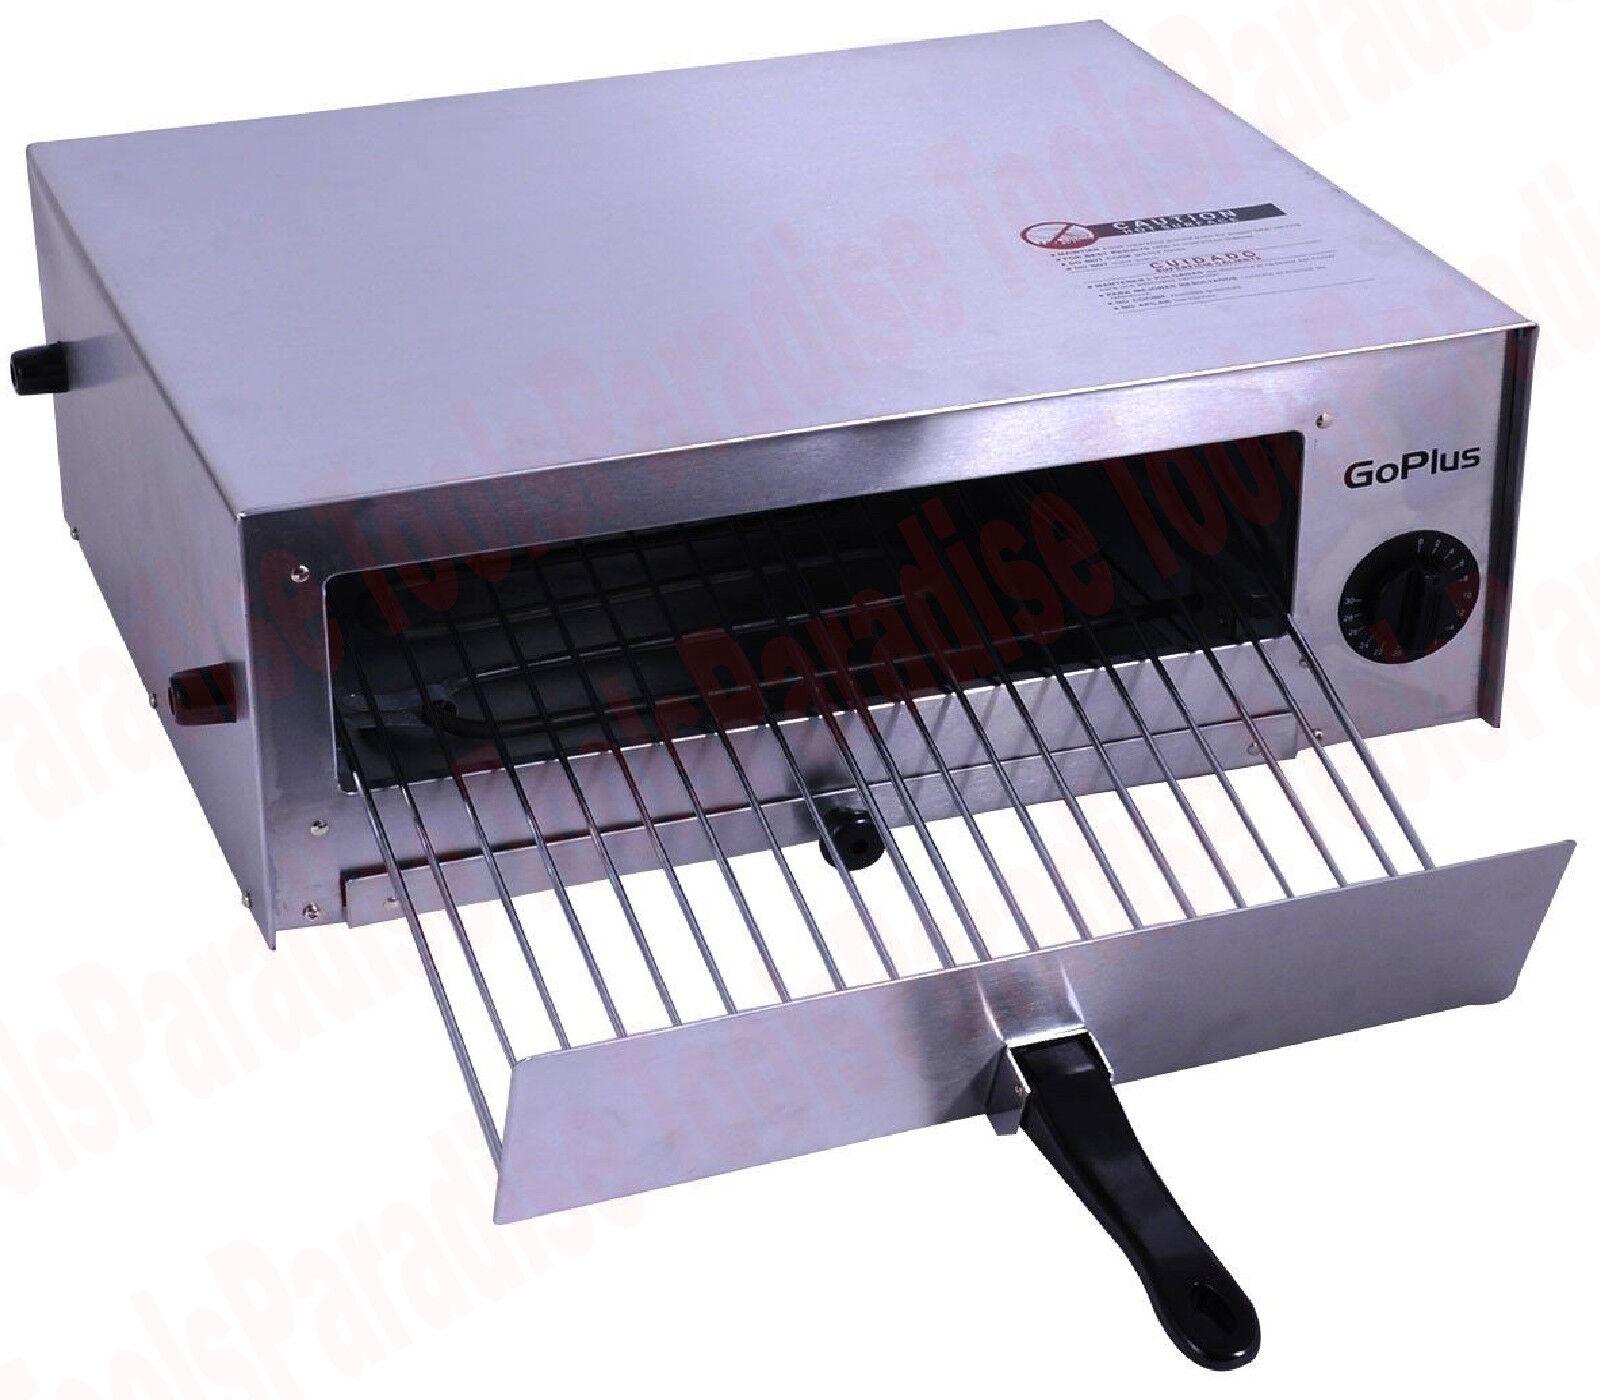 Électrique en acier inoxydable comptoir Four à Pizza 12 in (environ 30.48 cm)